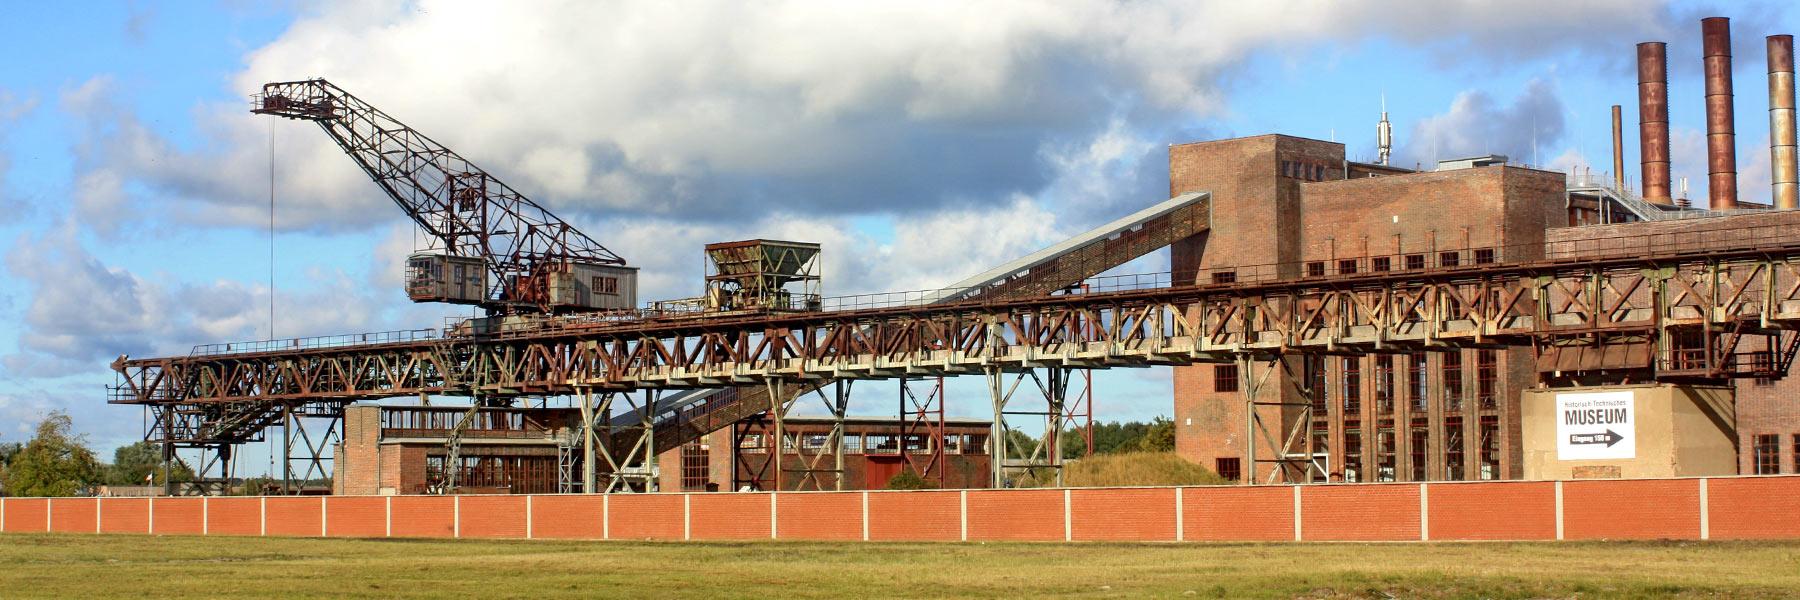 Kraftwerk - Peenemünde